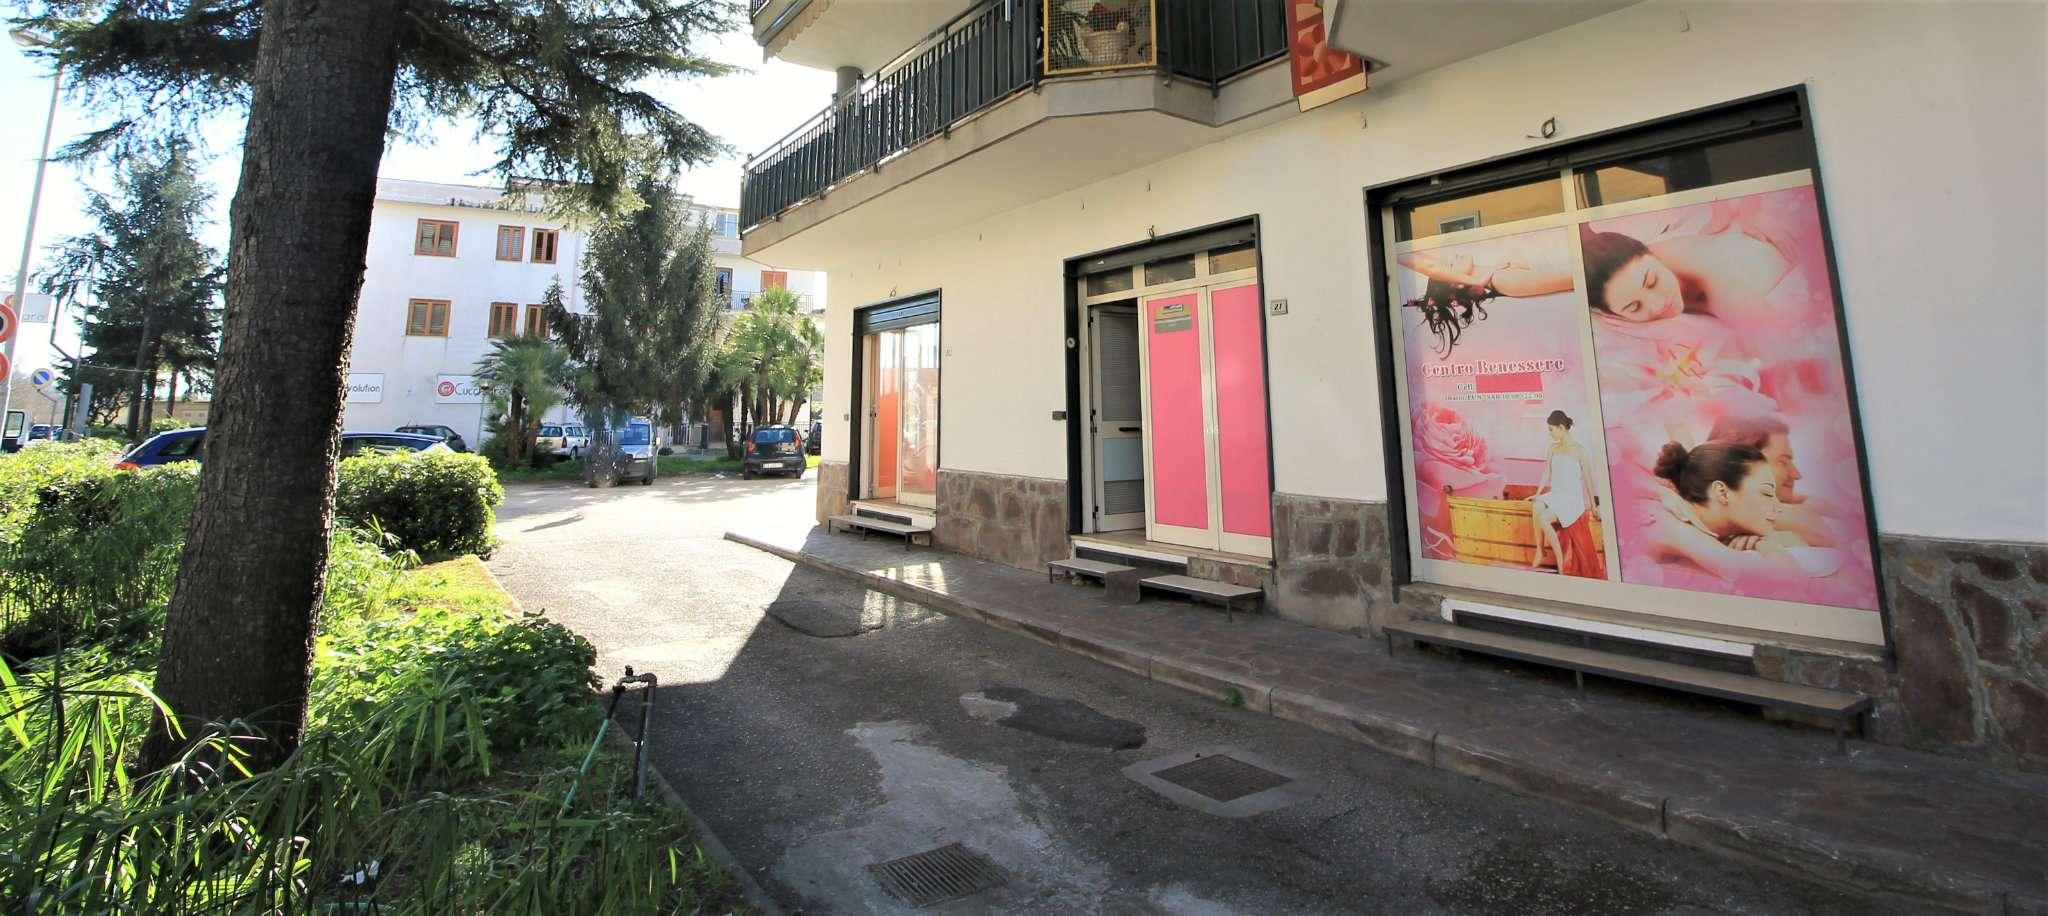 Negozio / Locale in affitto a San Vitaliano, 1 locali, prezzo € 1.300 | Cambio Casa.it